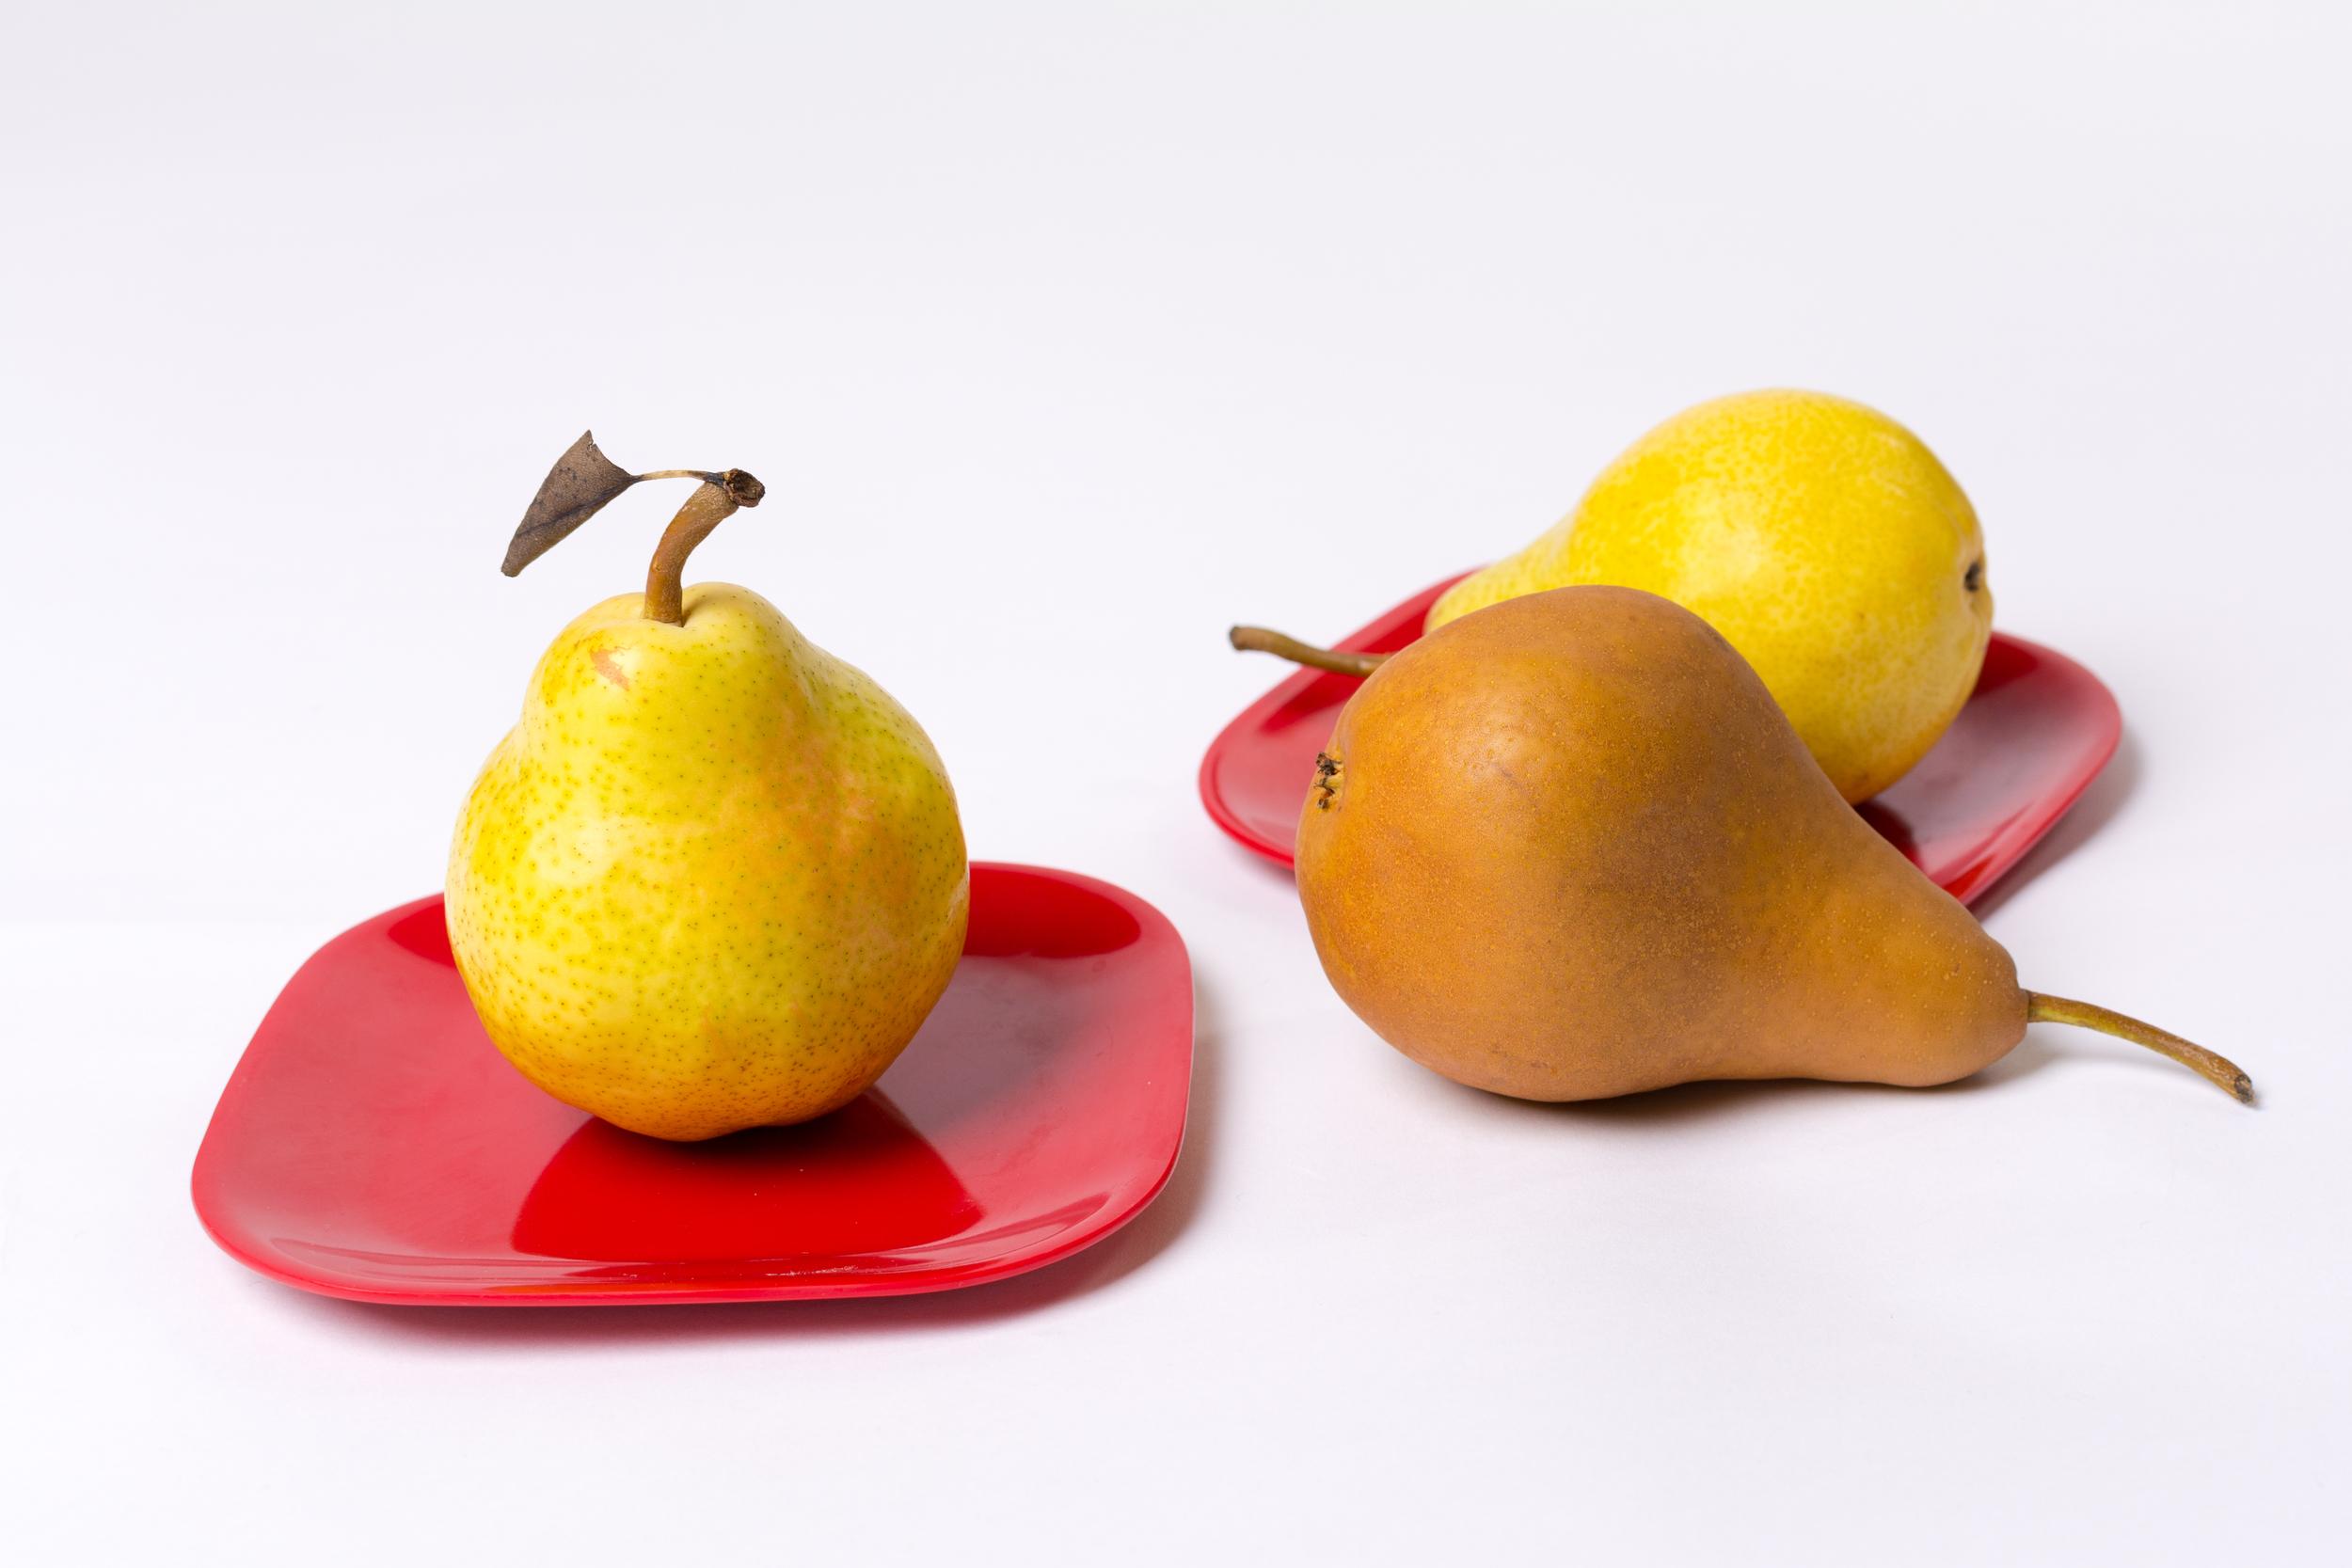 Pair of Pears-23.jpg